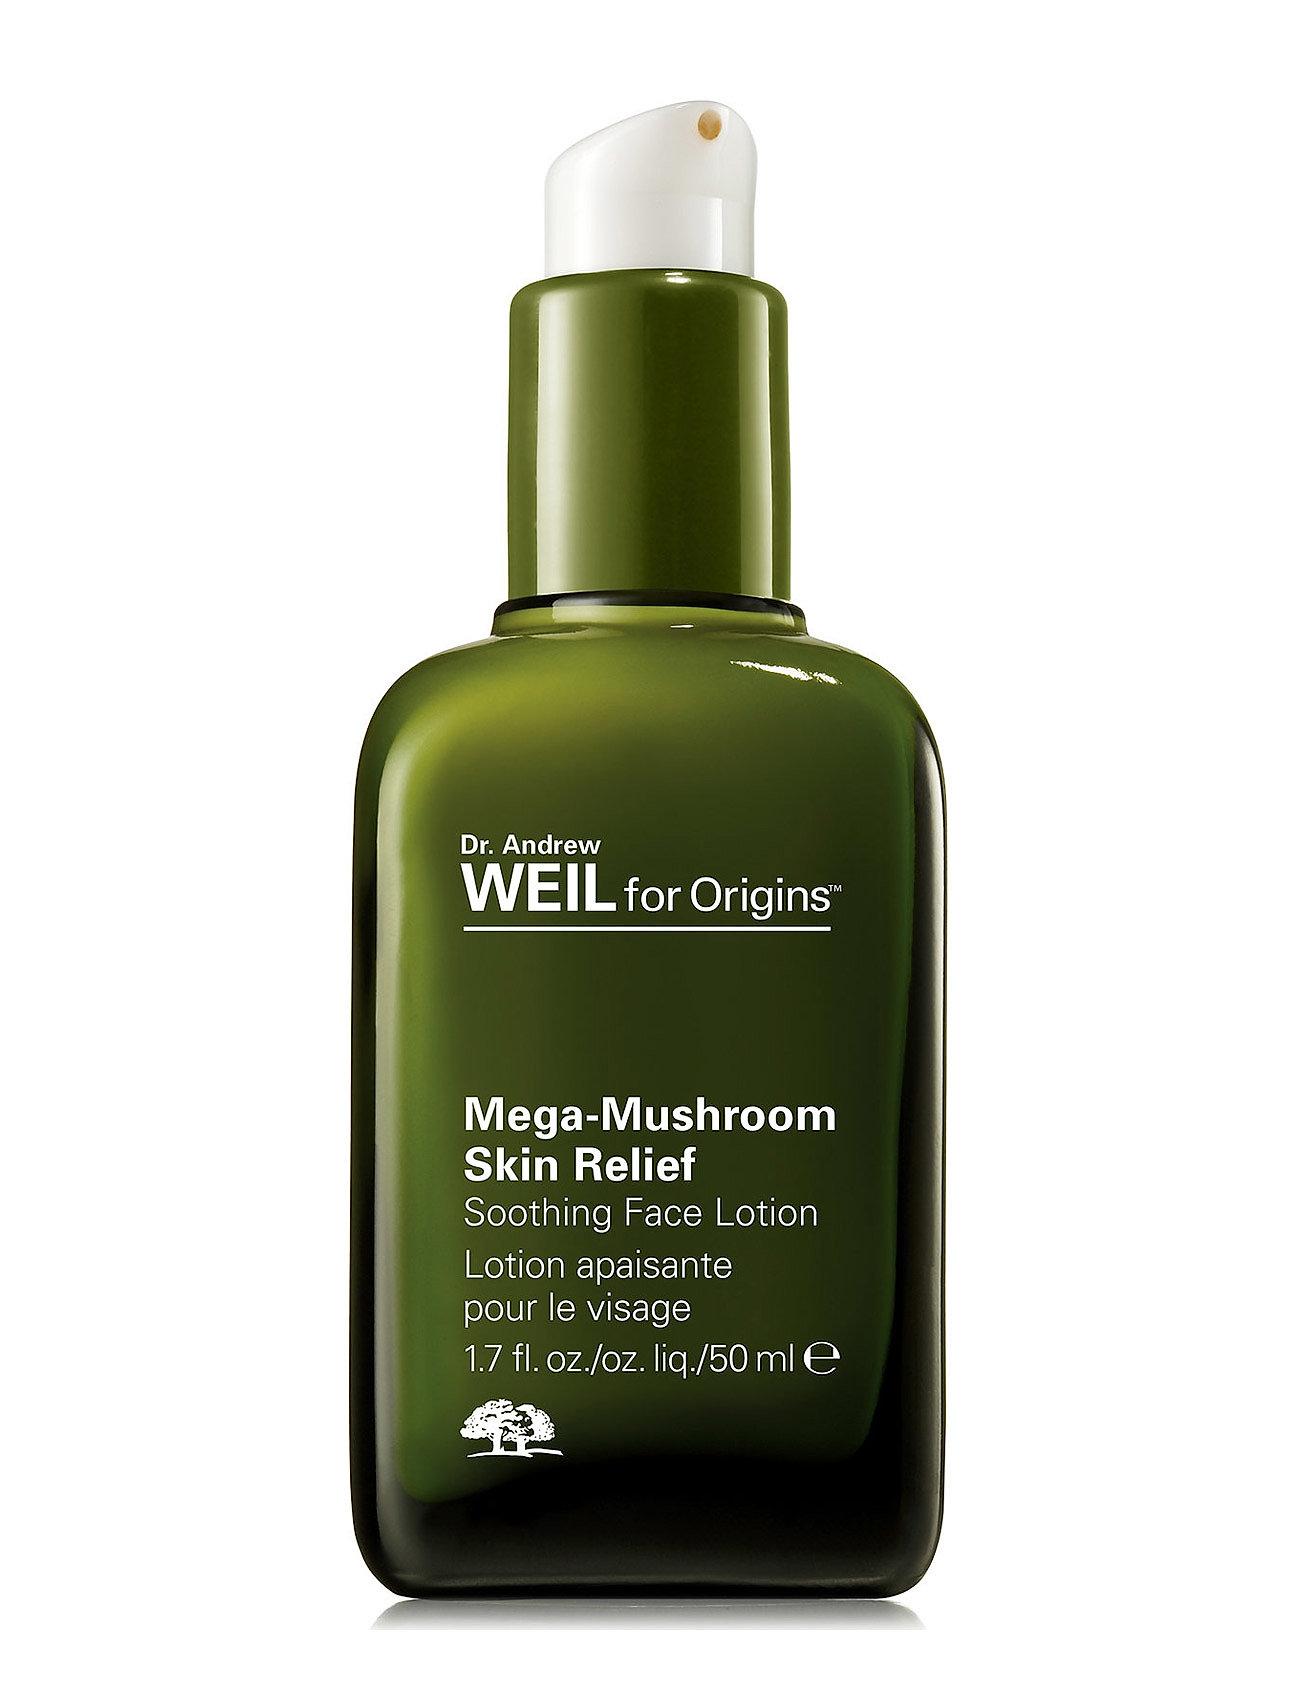 origins Dr. weil mega-mushroom skin relief soothing face lotion fra boozt.com dk